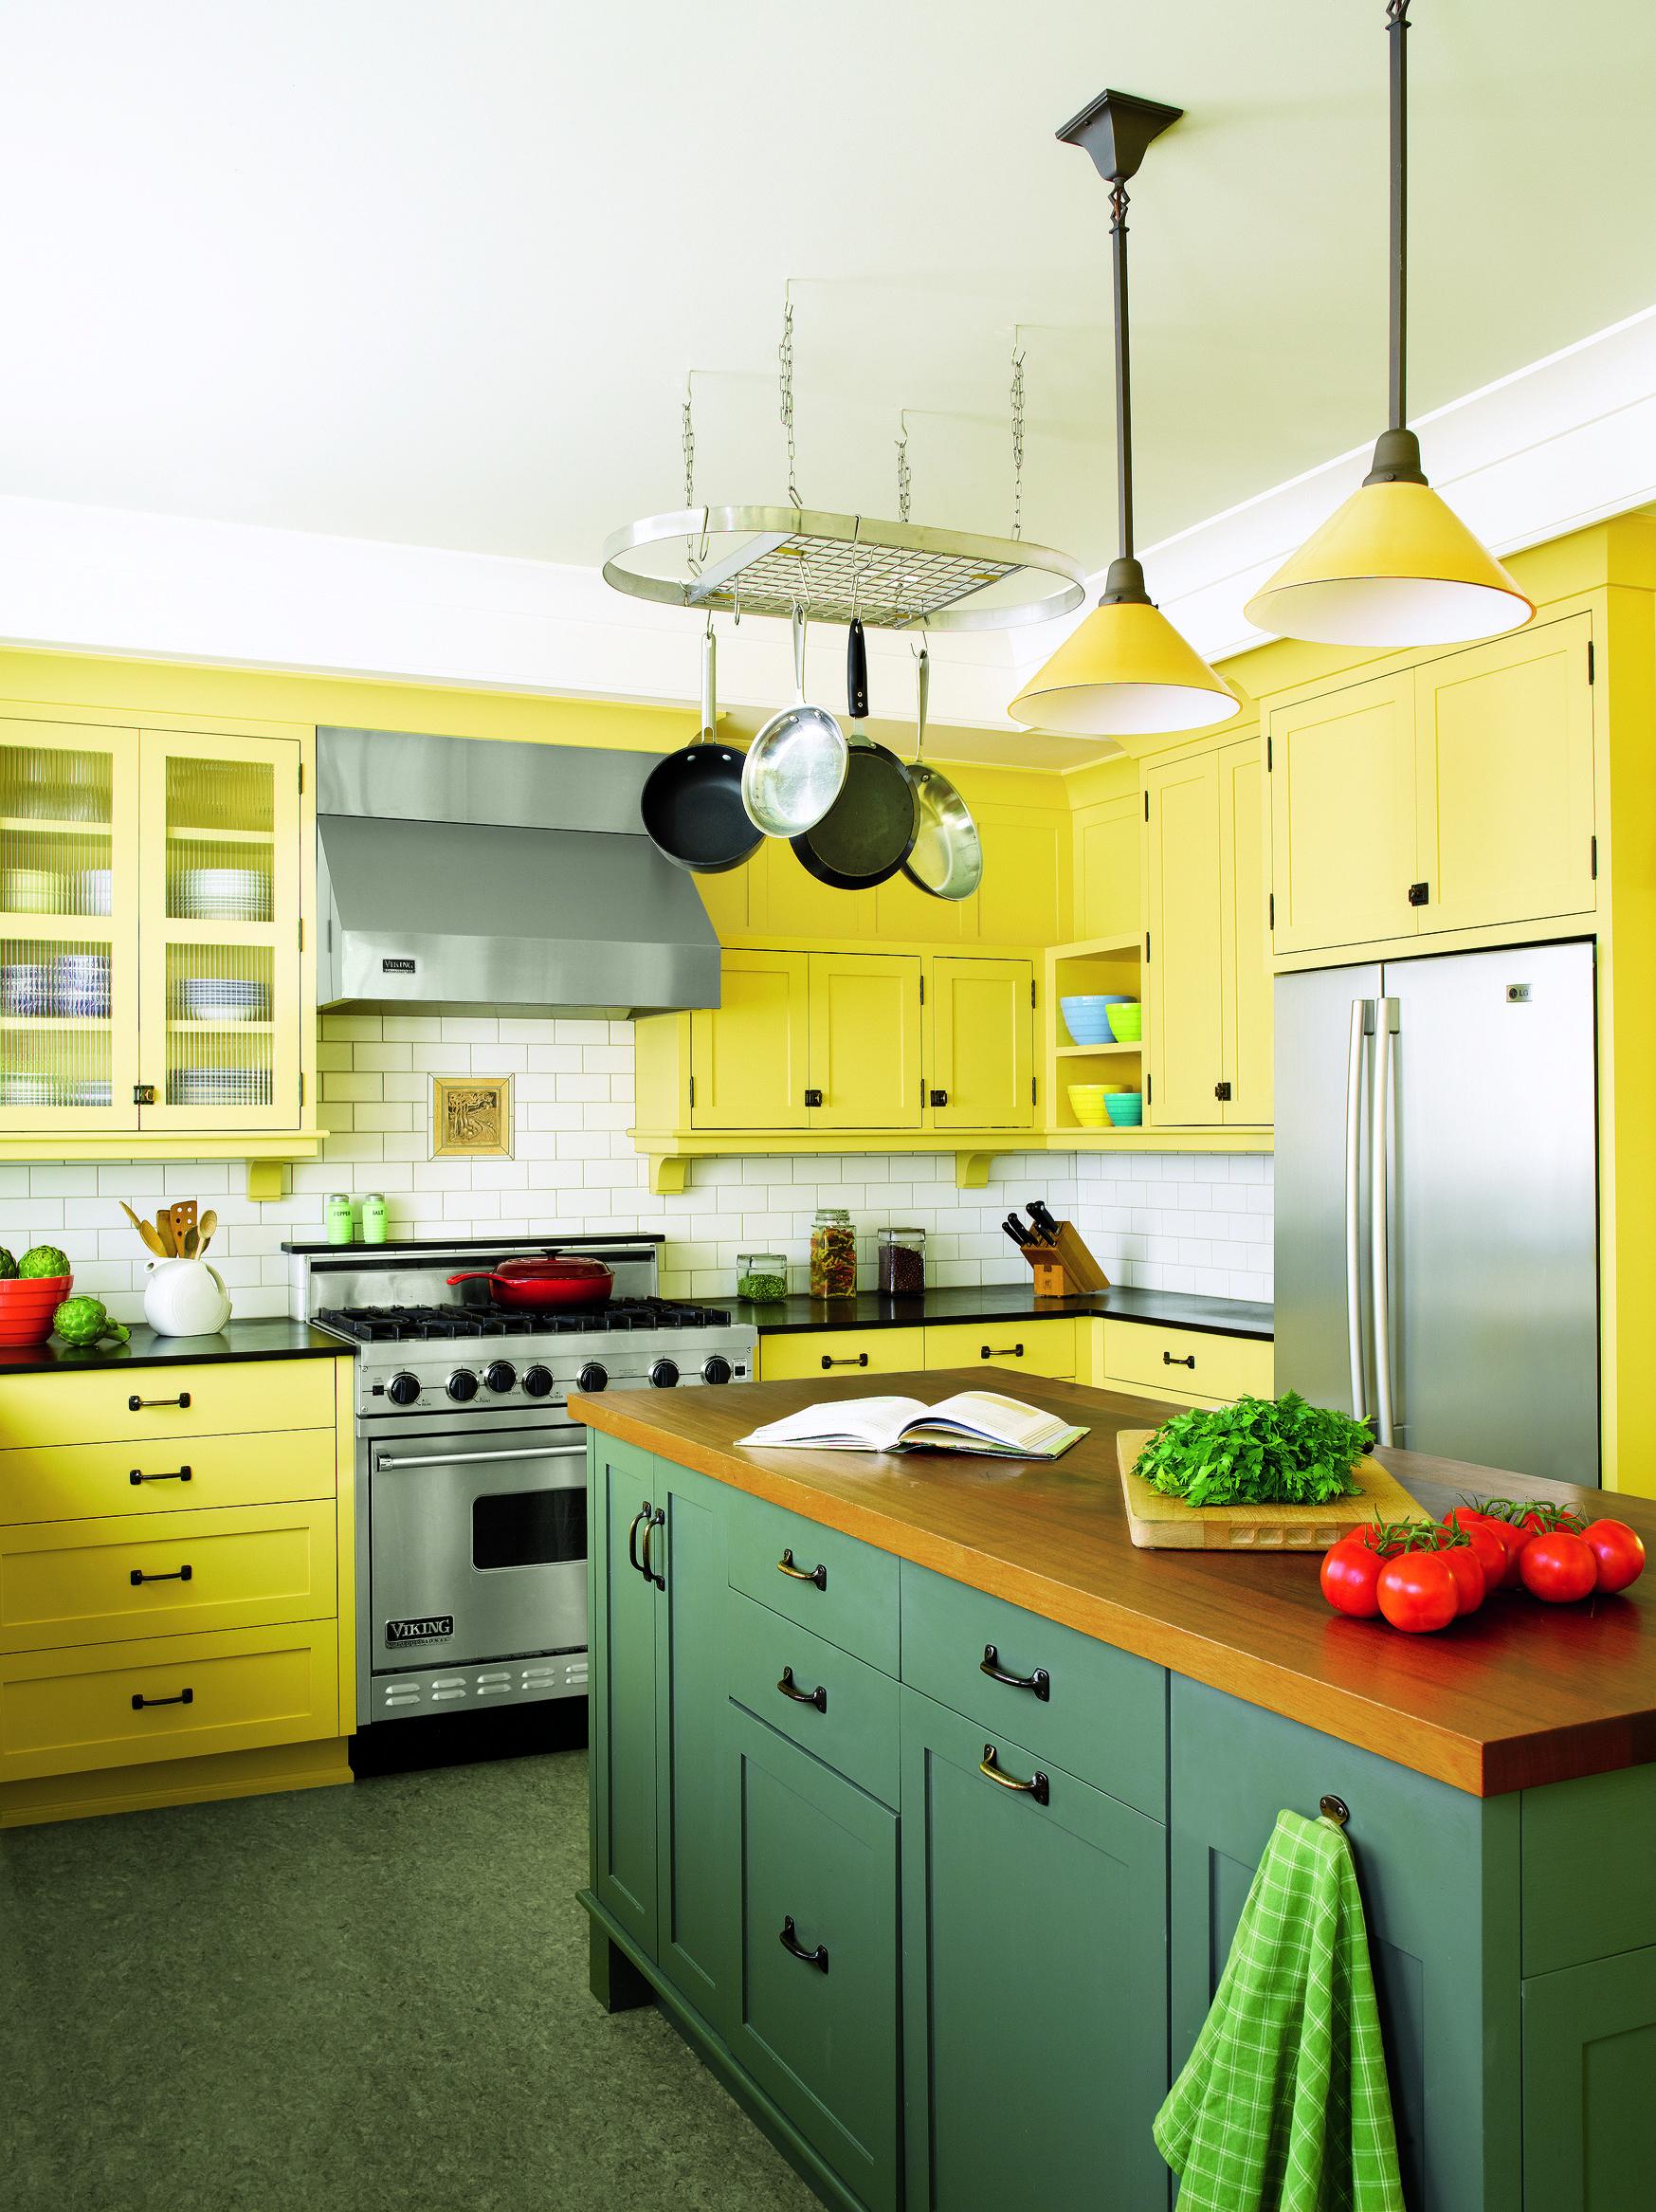 марта покраска кухни краской варианты фото цвет лимонный спортсменки лежат